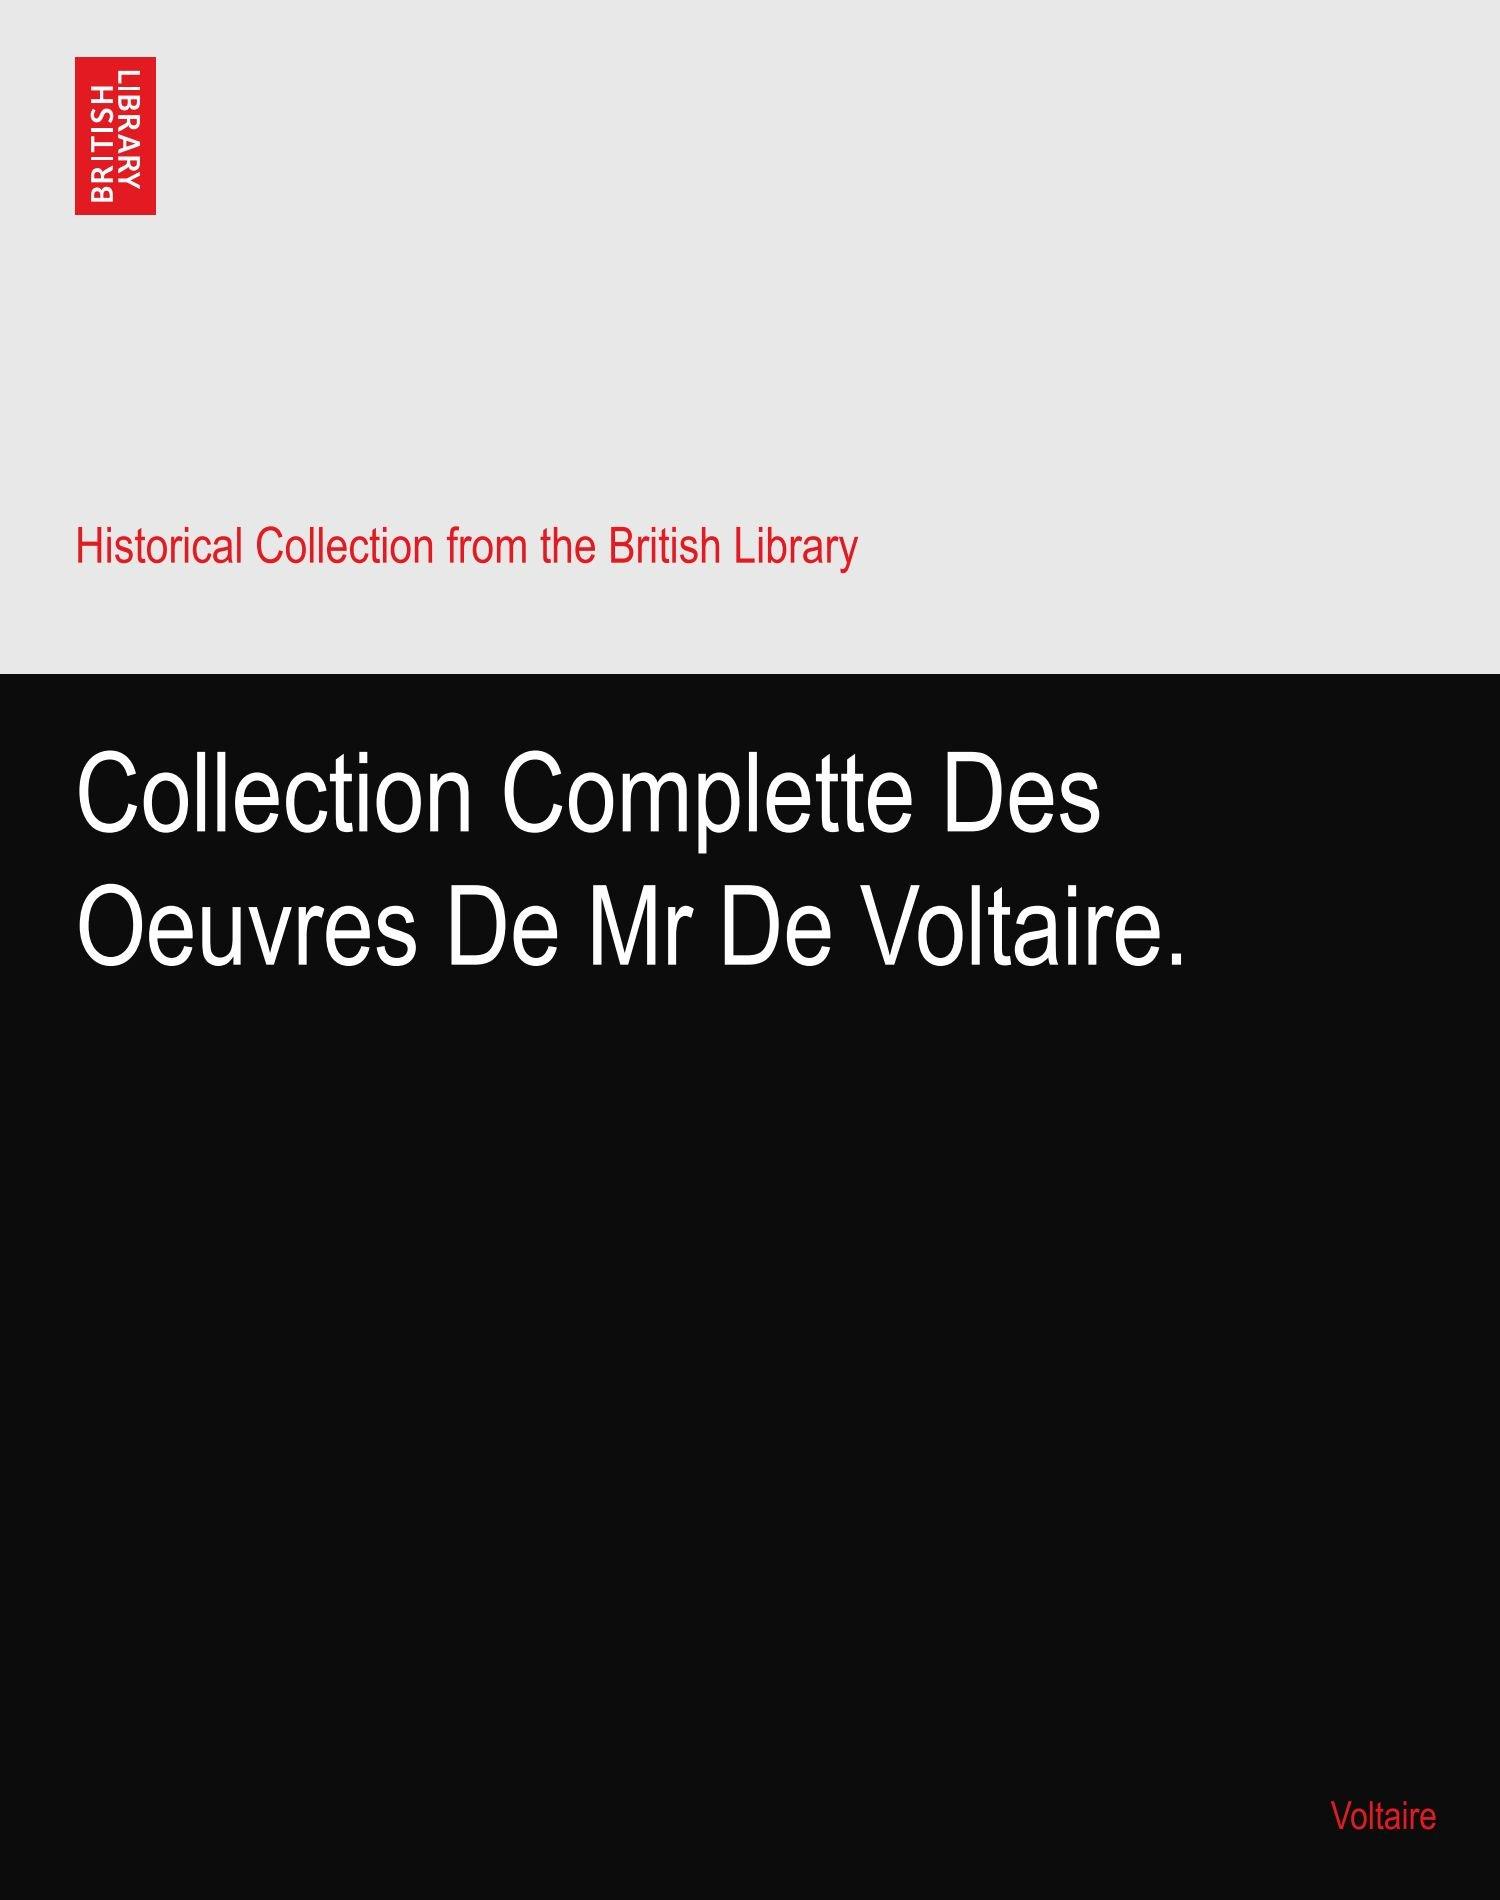 Download Collection Complette Des Oeuvres De Mr De Voltaire. ebook